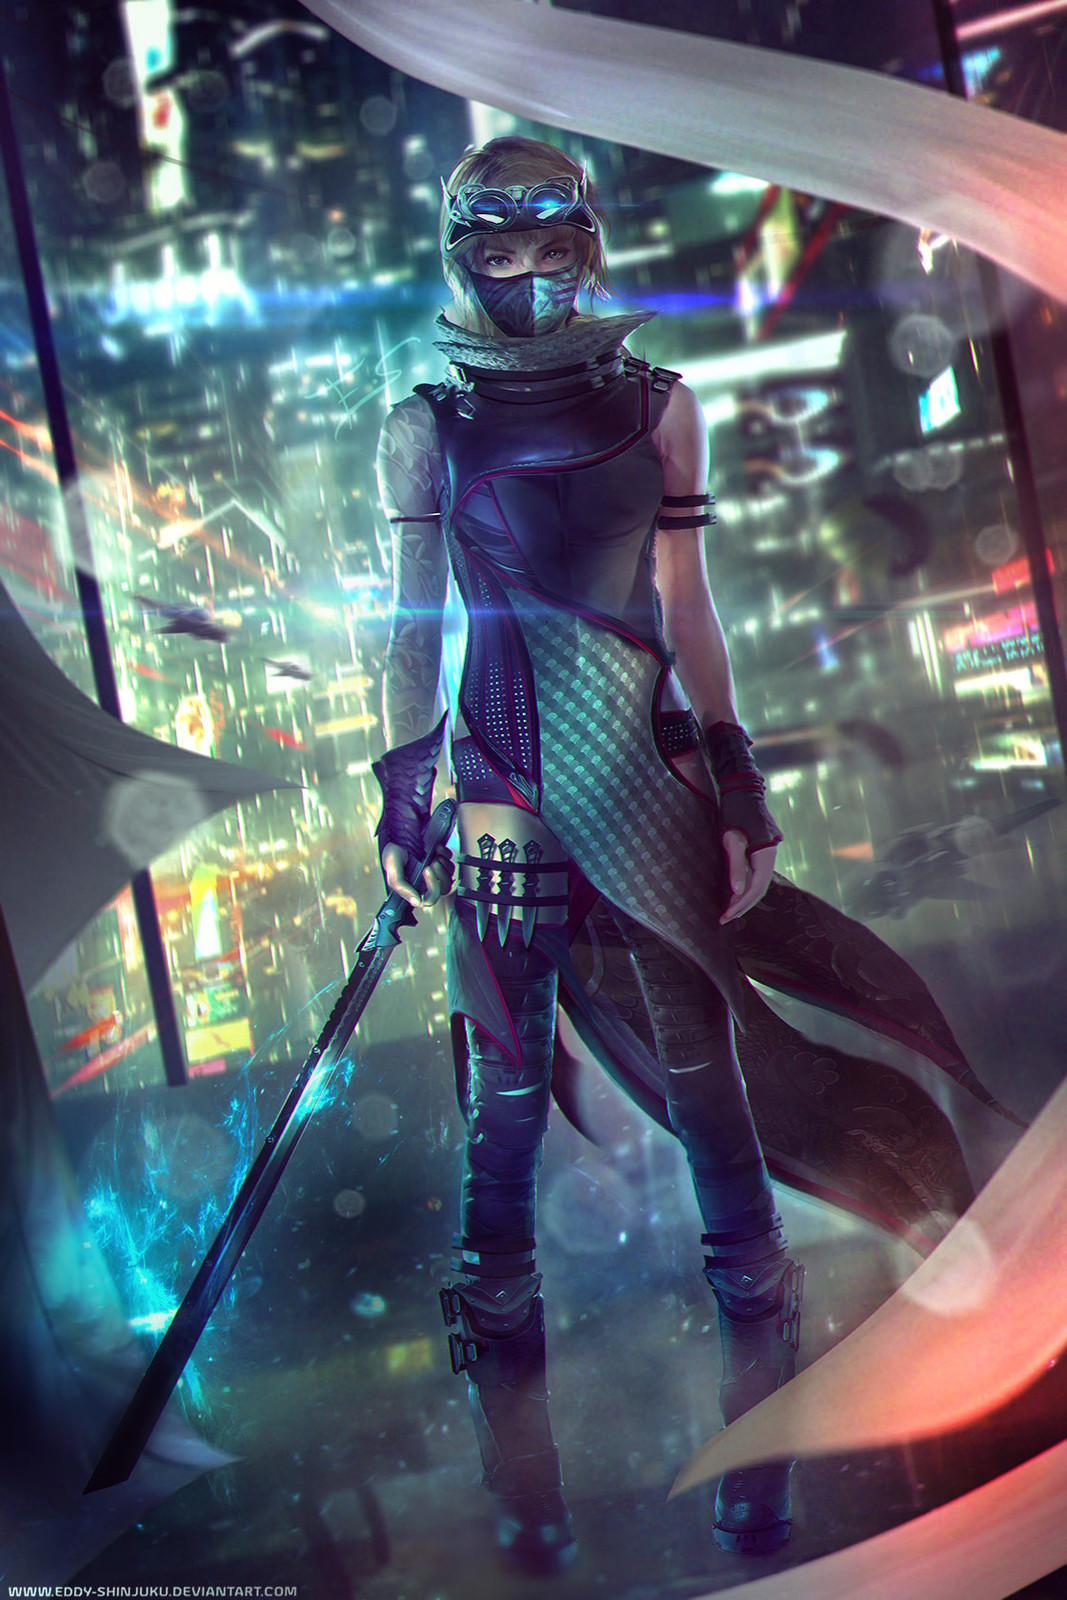 Sci-fi Ninjapunk Concept